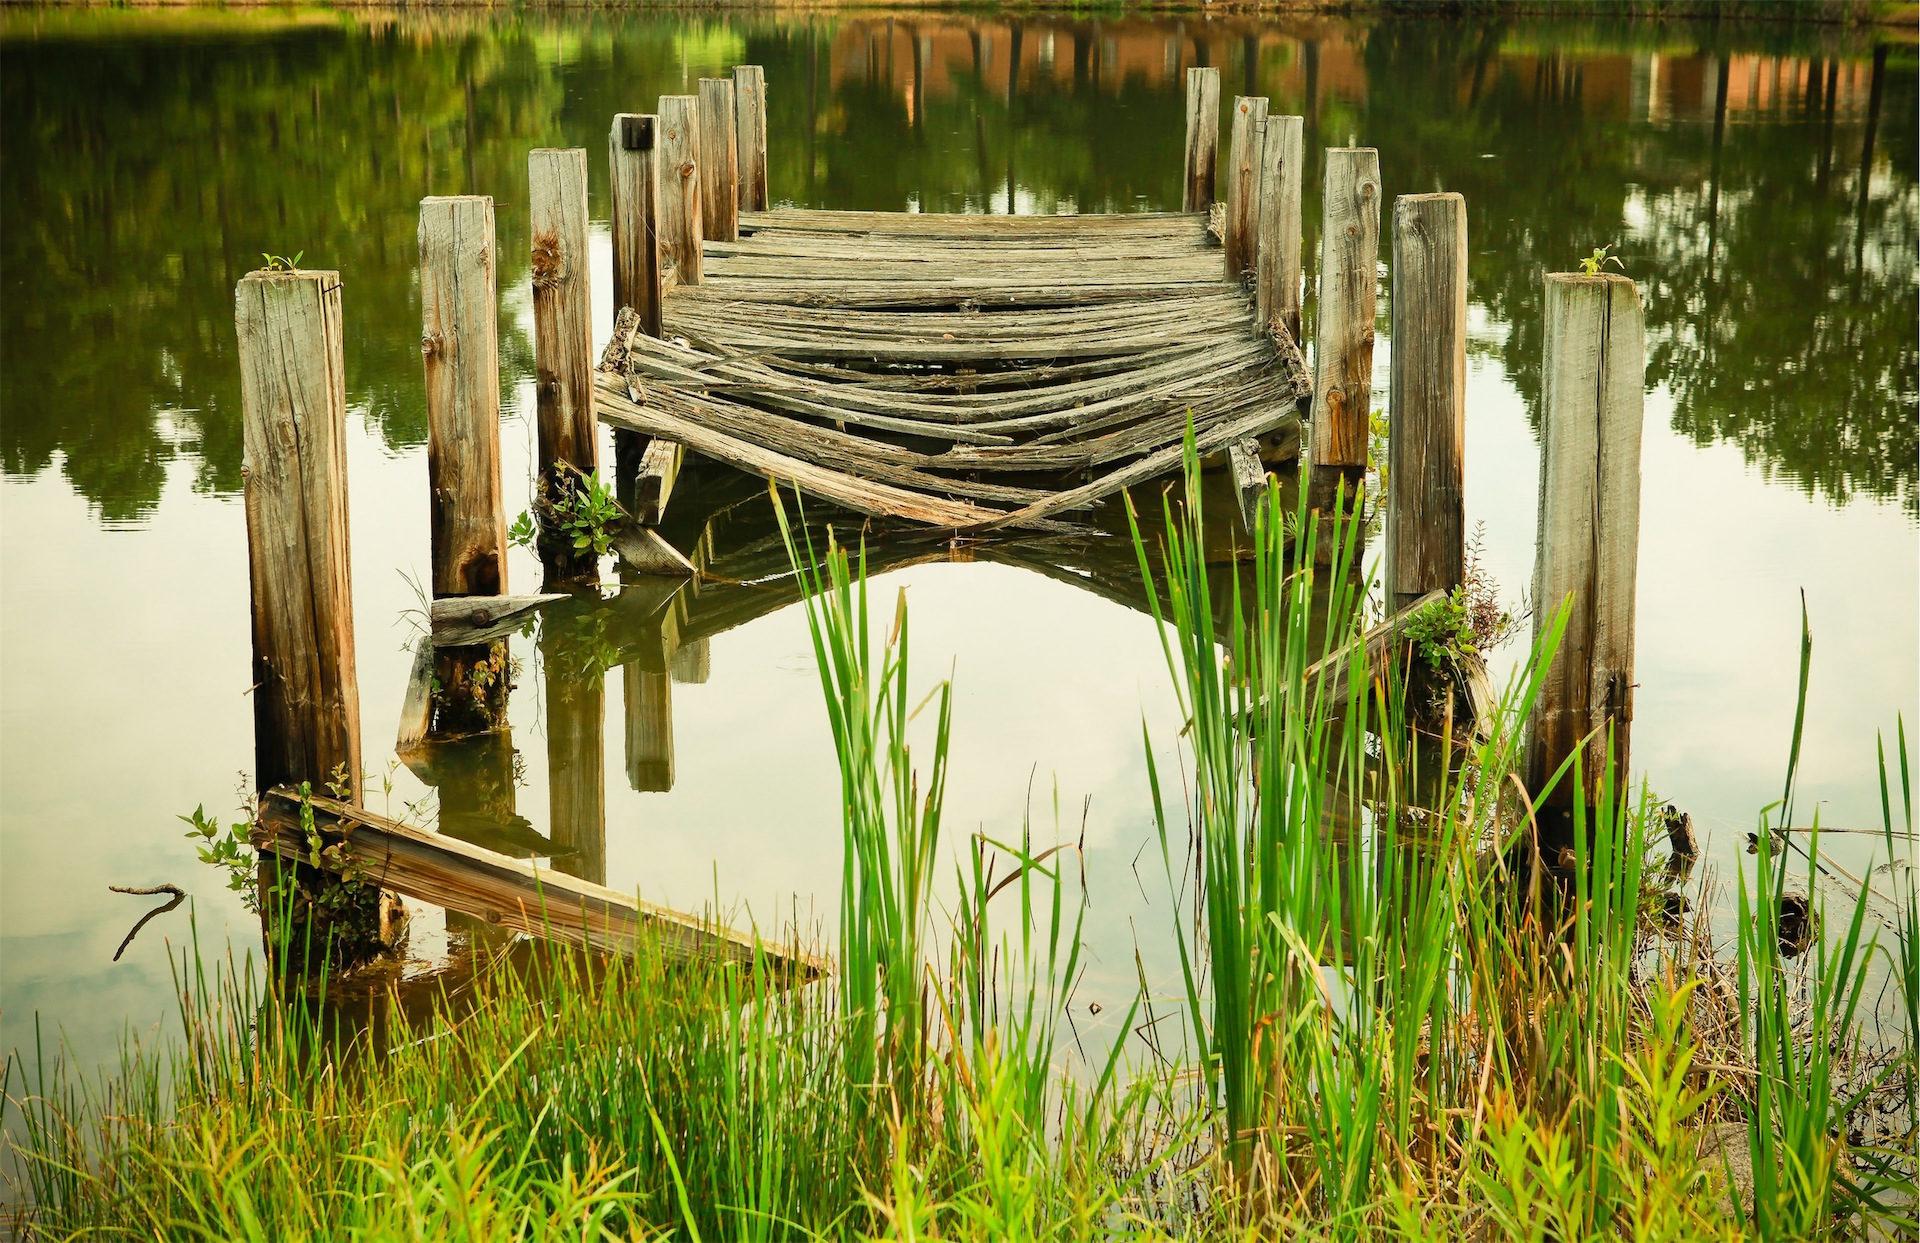 桥梁, 老, 破碎, 湖, 反思 - 高清壁纸 - 教授-falken.com